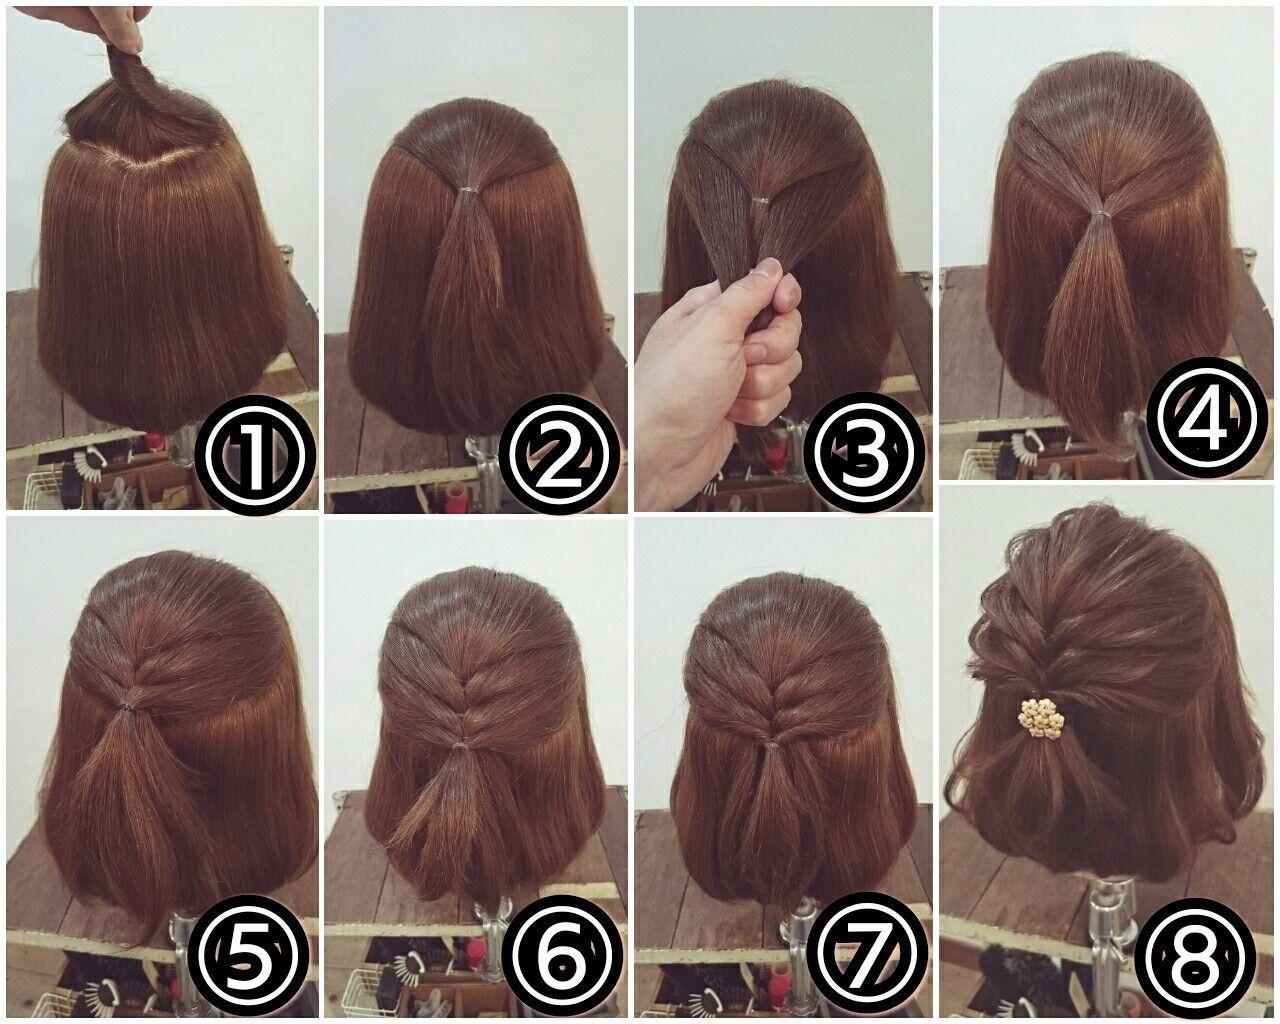 Peinado Tumblr Hairdos For Short Hair Hair Styles Short Hair Updo